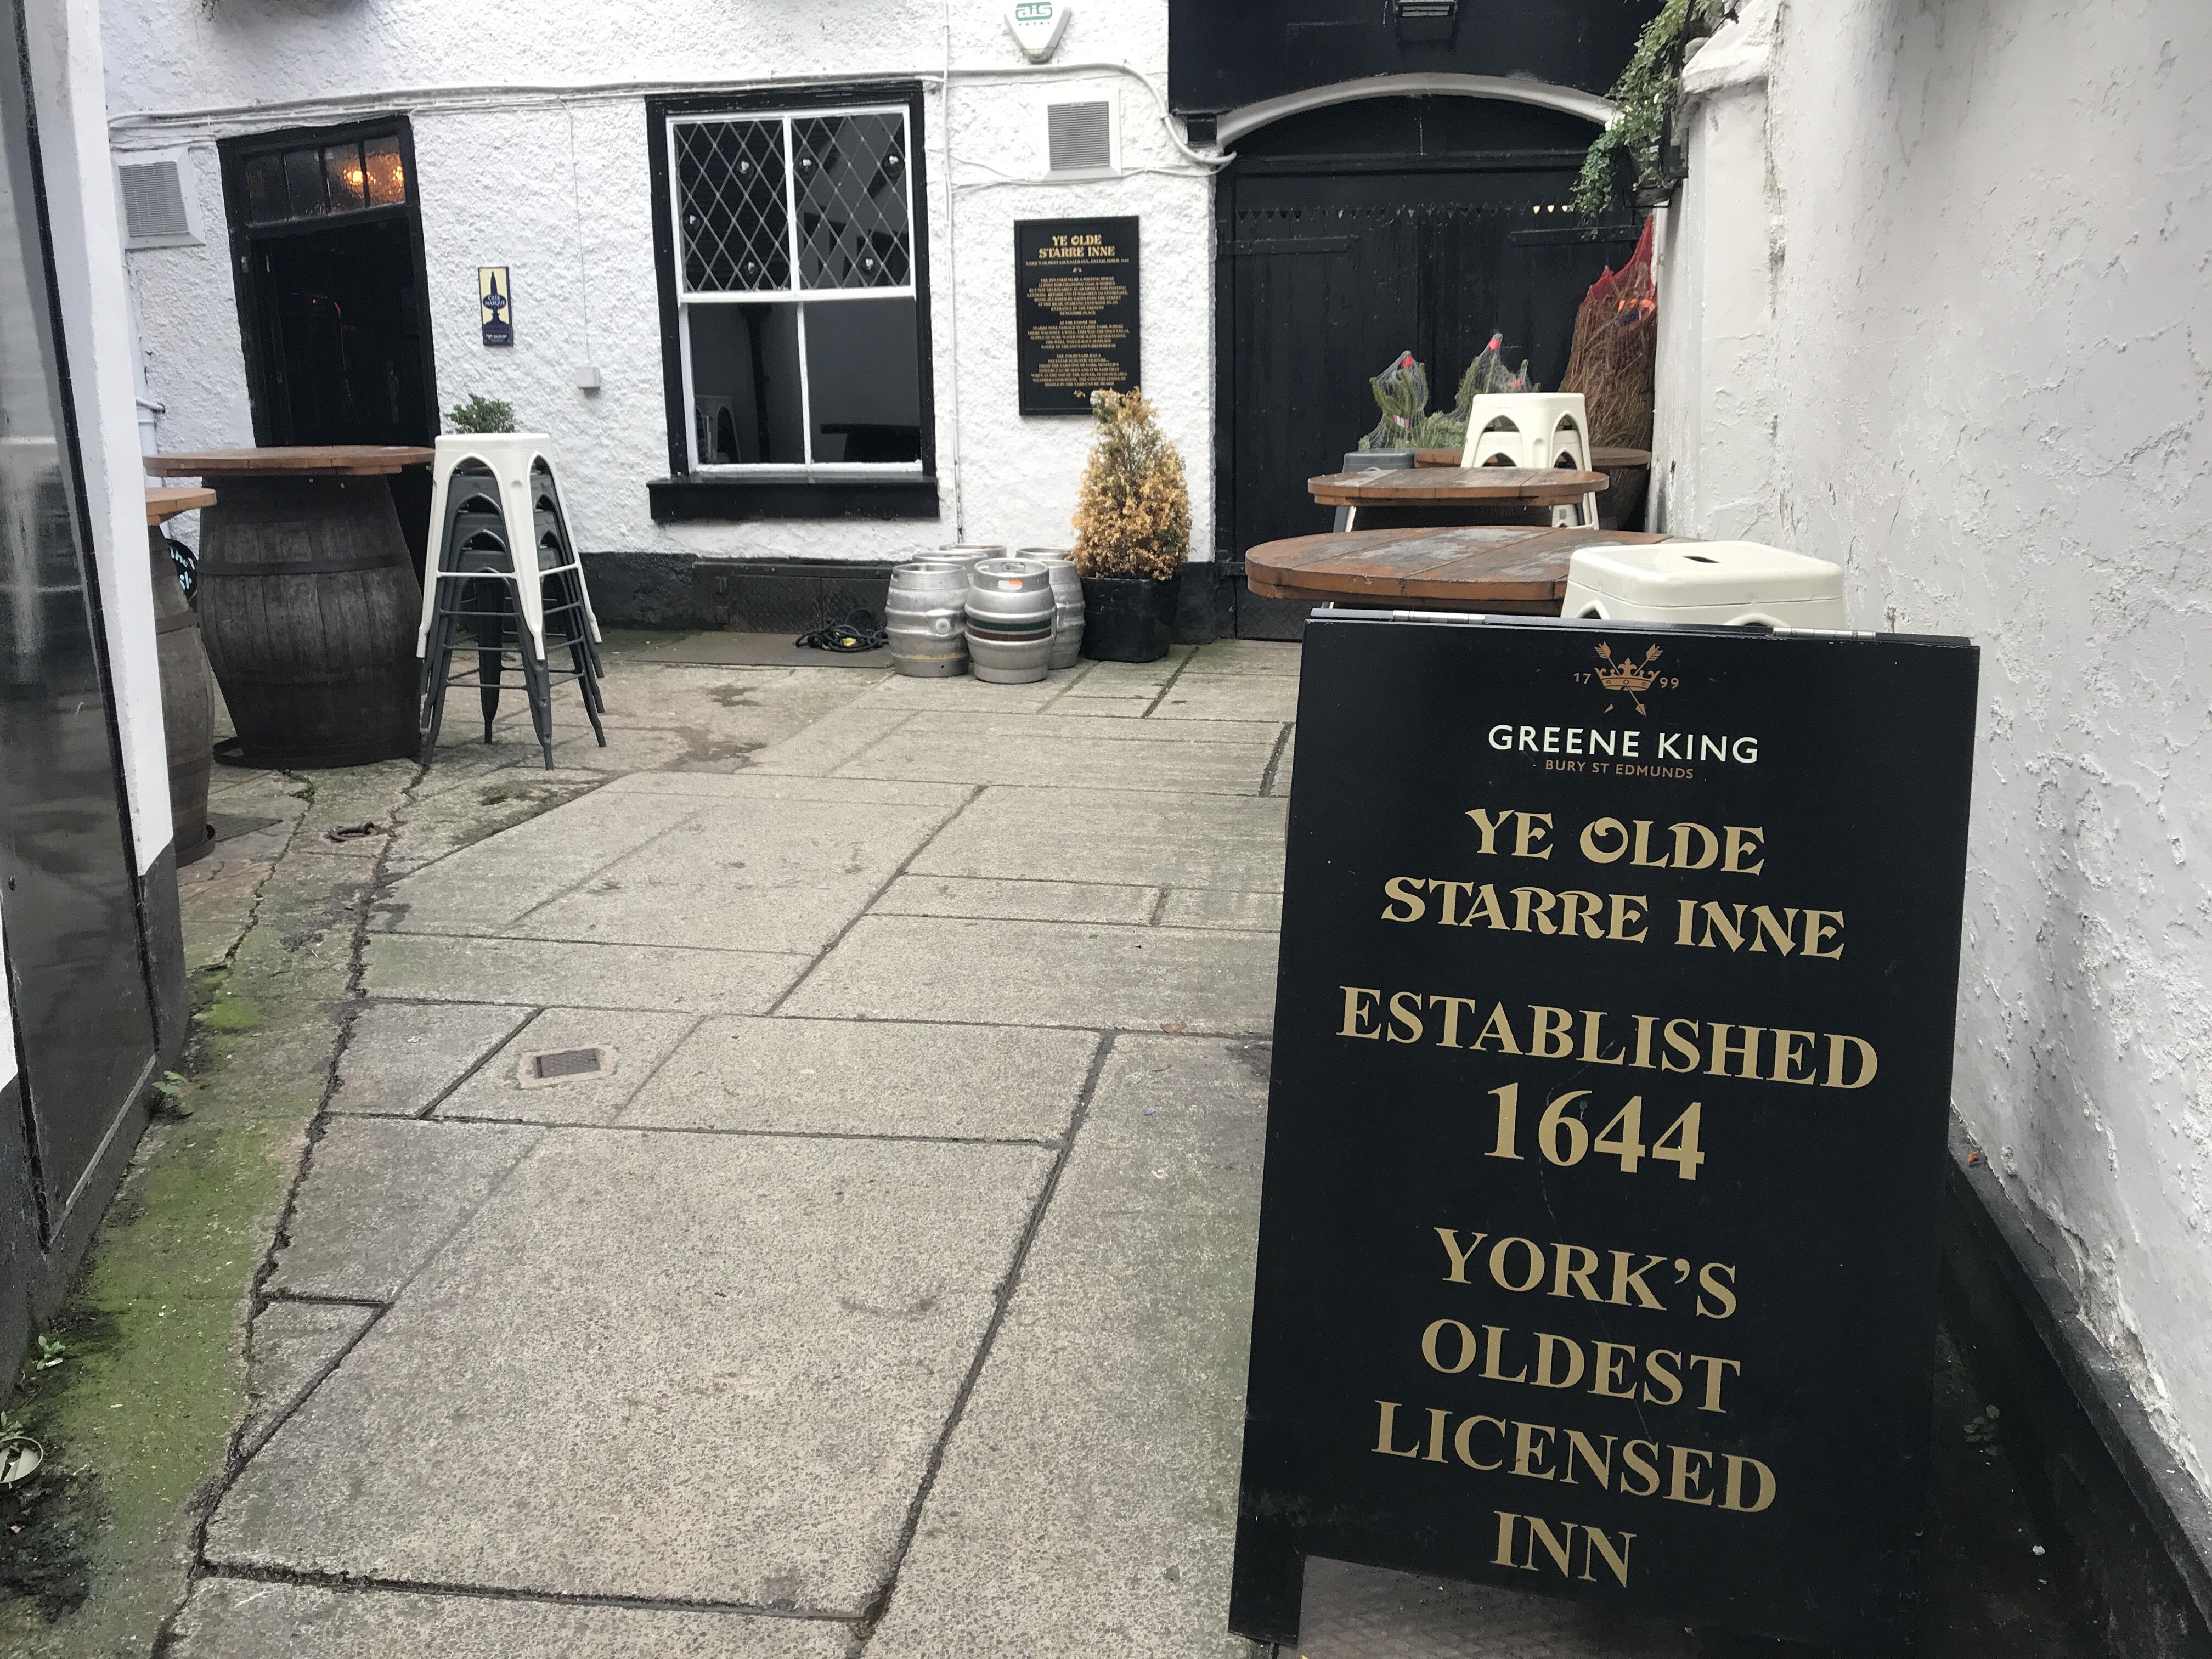 Ye Olde Starre Inn front